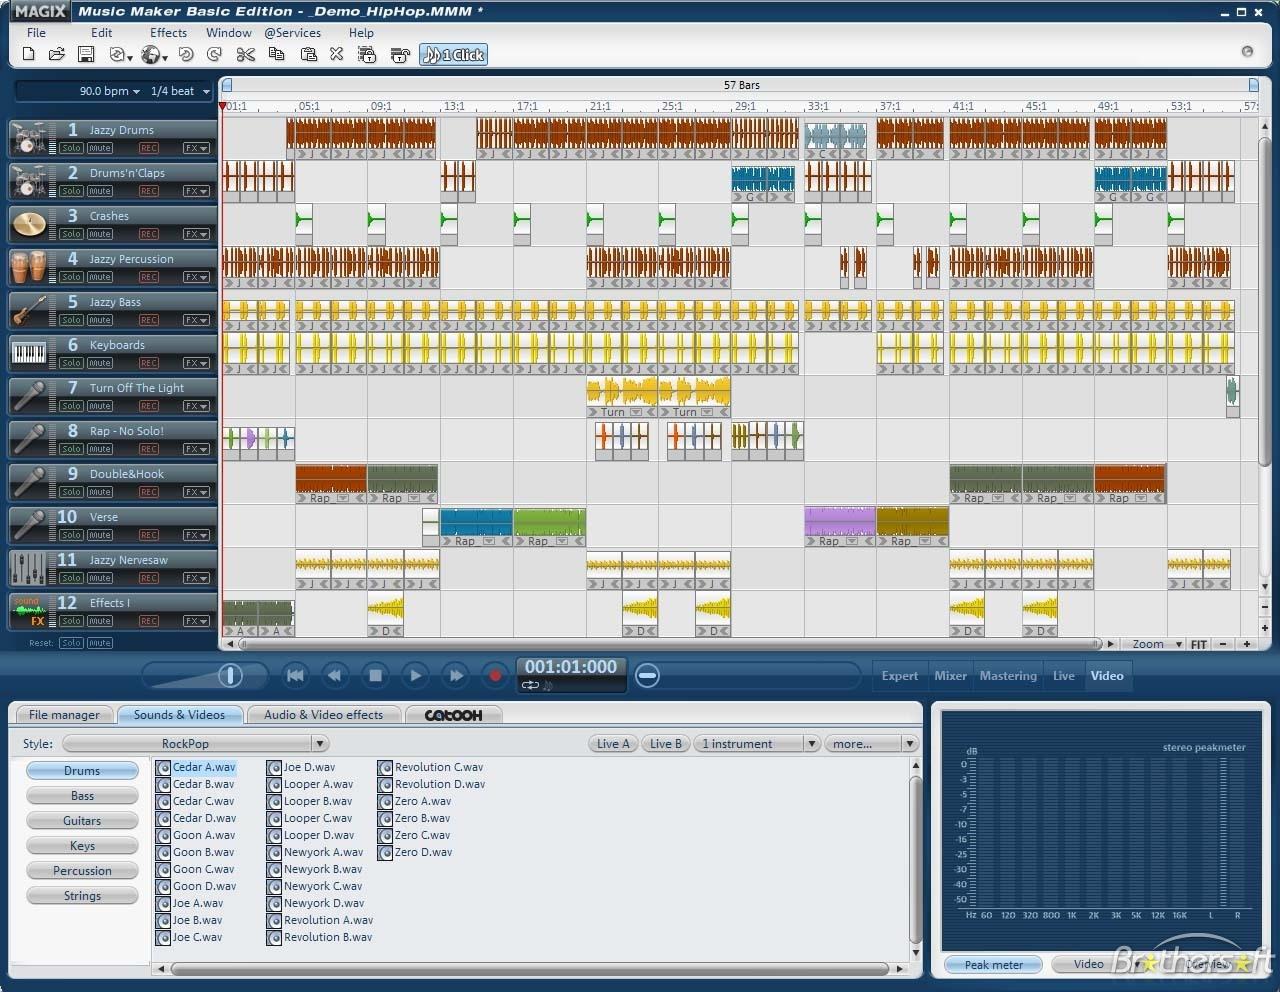 Magix music maker 2013 серийный номер - ca